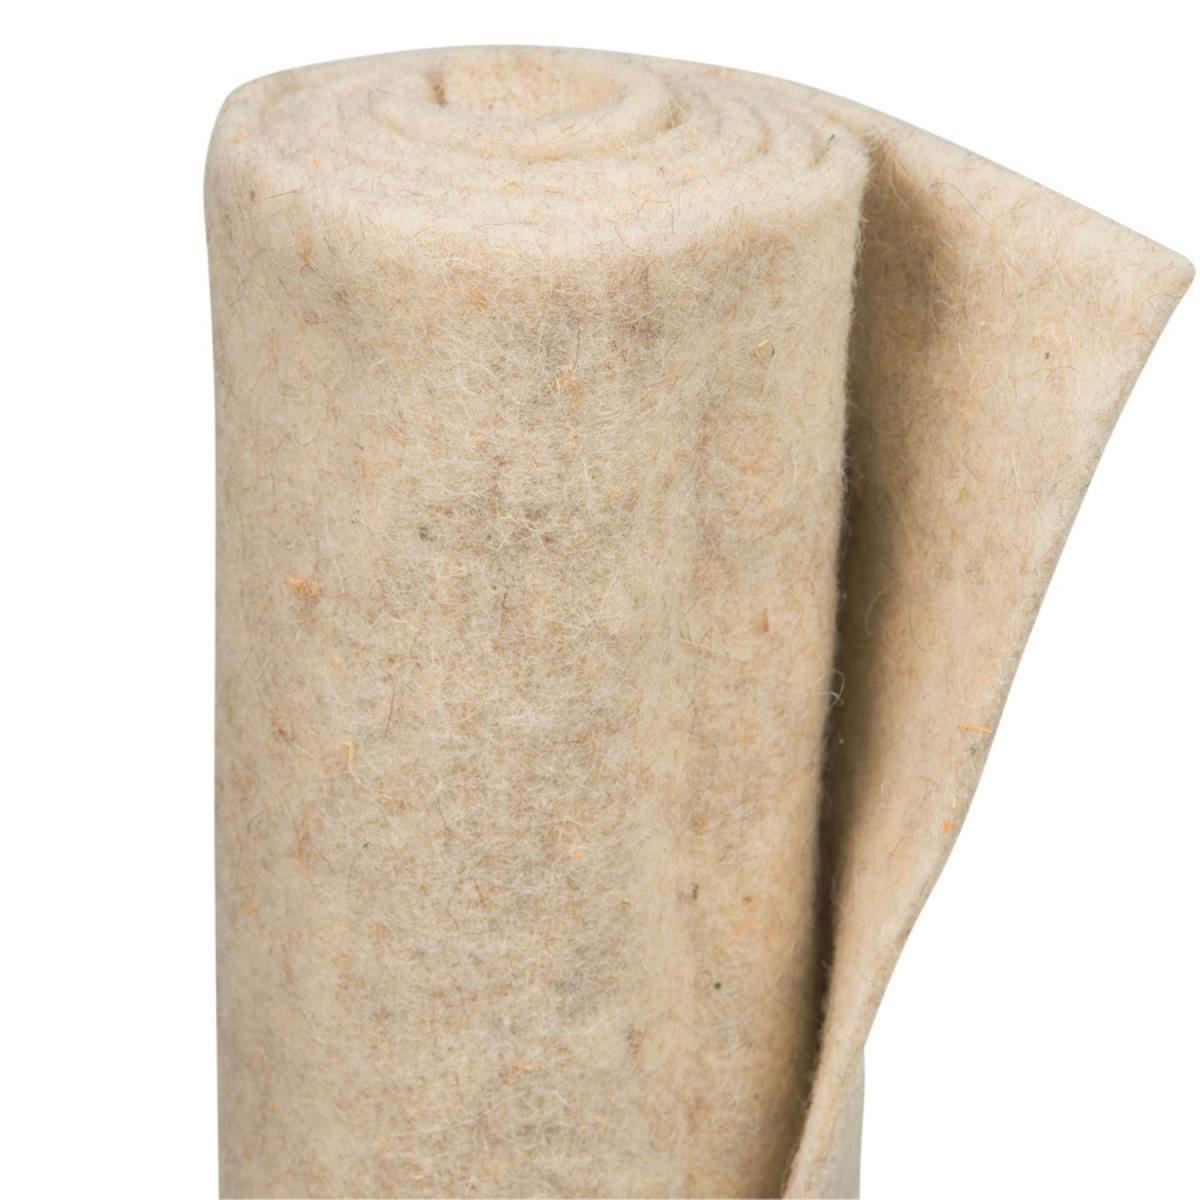 Videx Winterschutz-Schafwollmatte, 50x150 cm, wollweiß